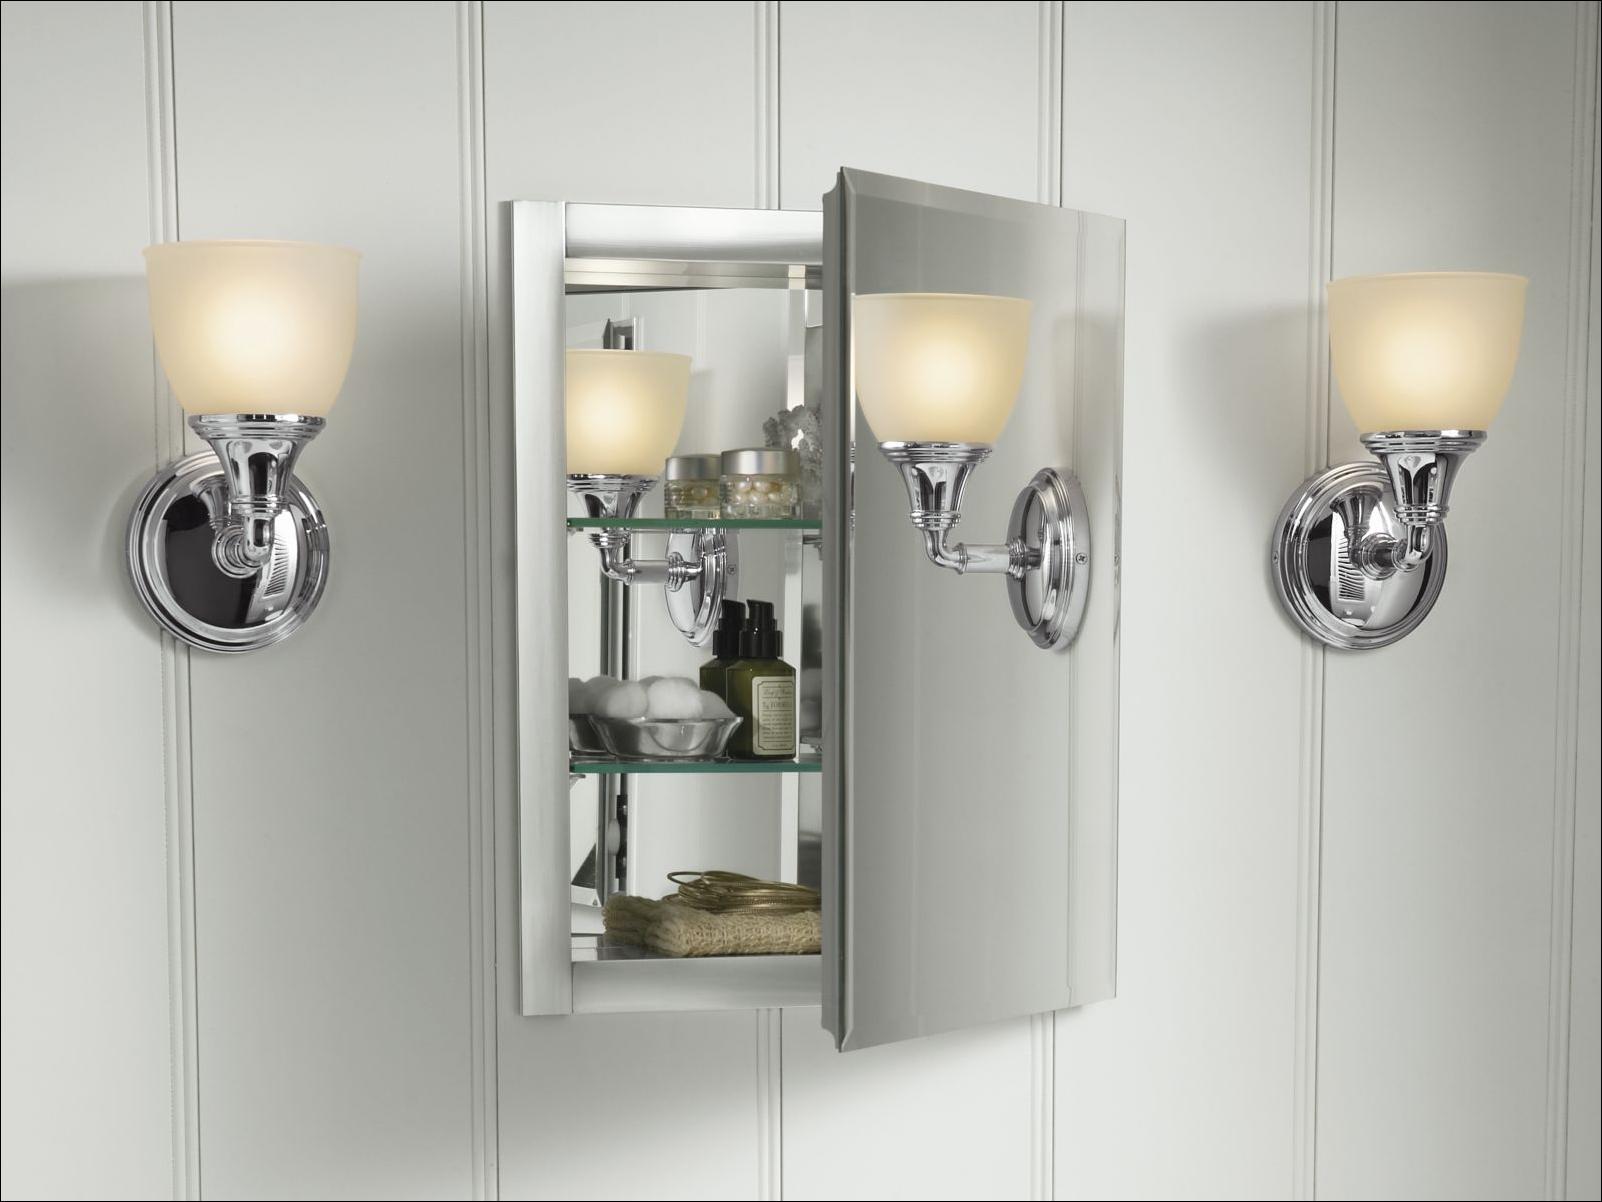 16 Quot X 20 Quot Silver Aluminum Recessed Mirror Medicine Cabinet